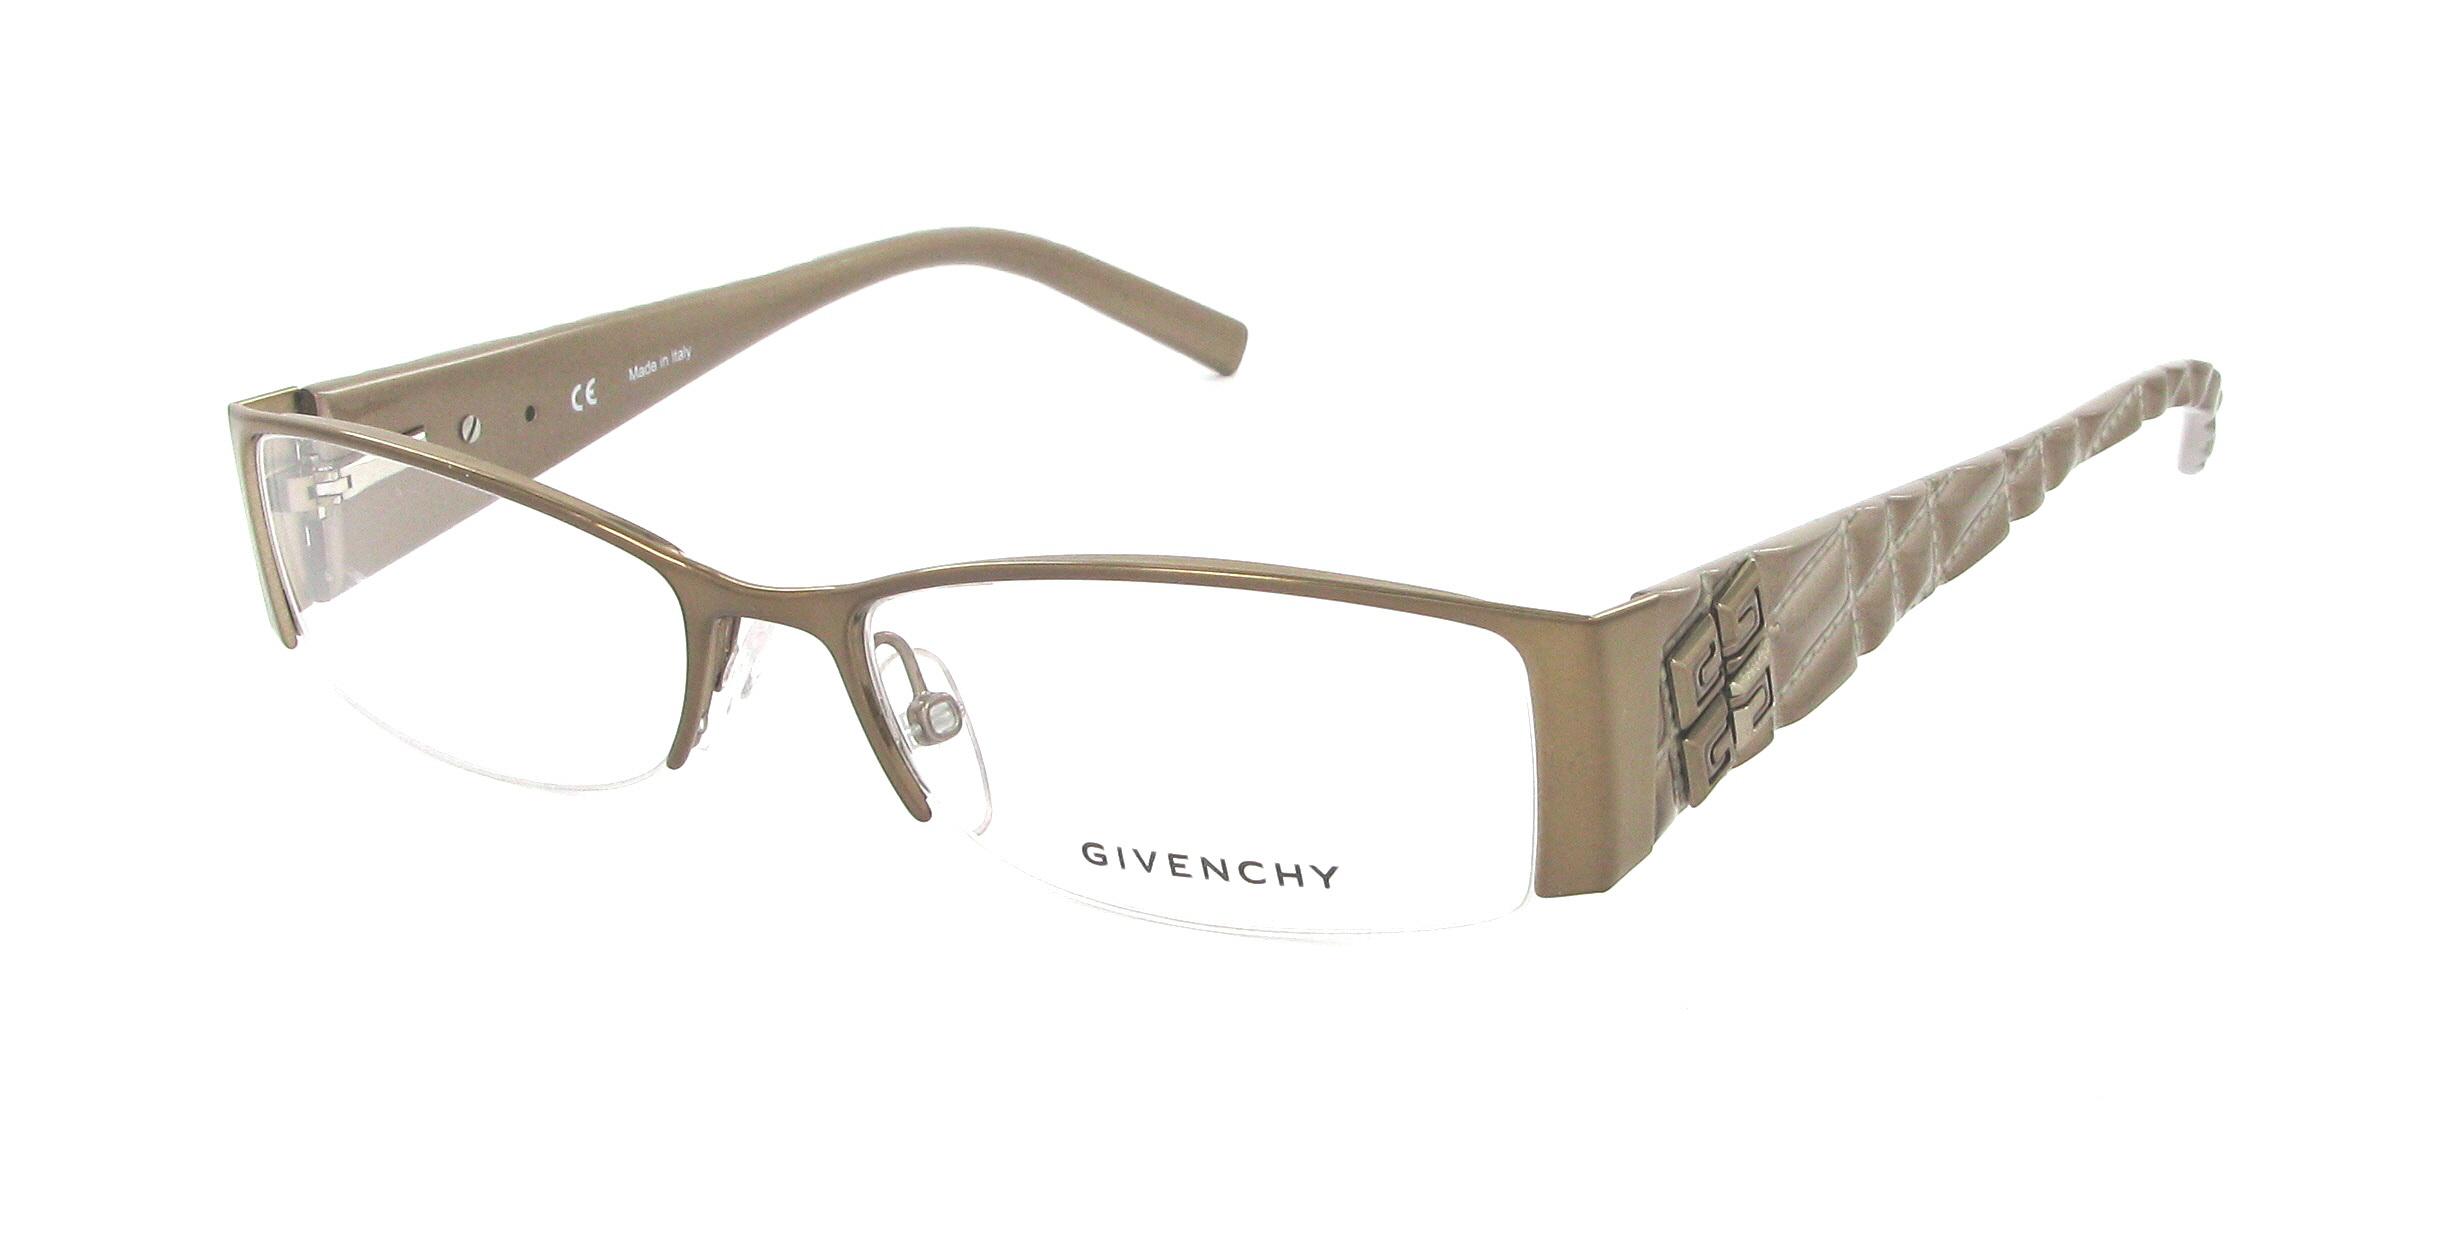 Une lunette selon la tendance